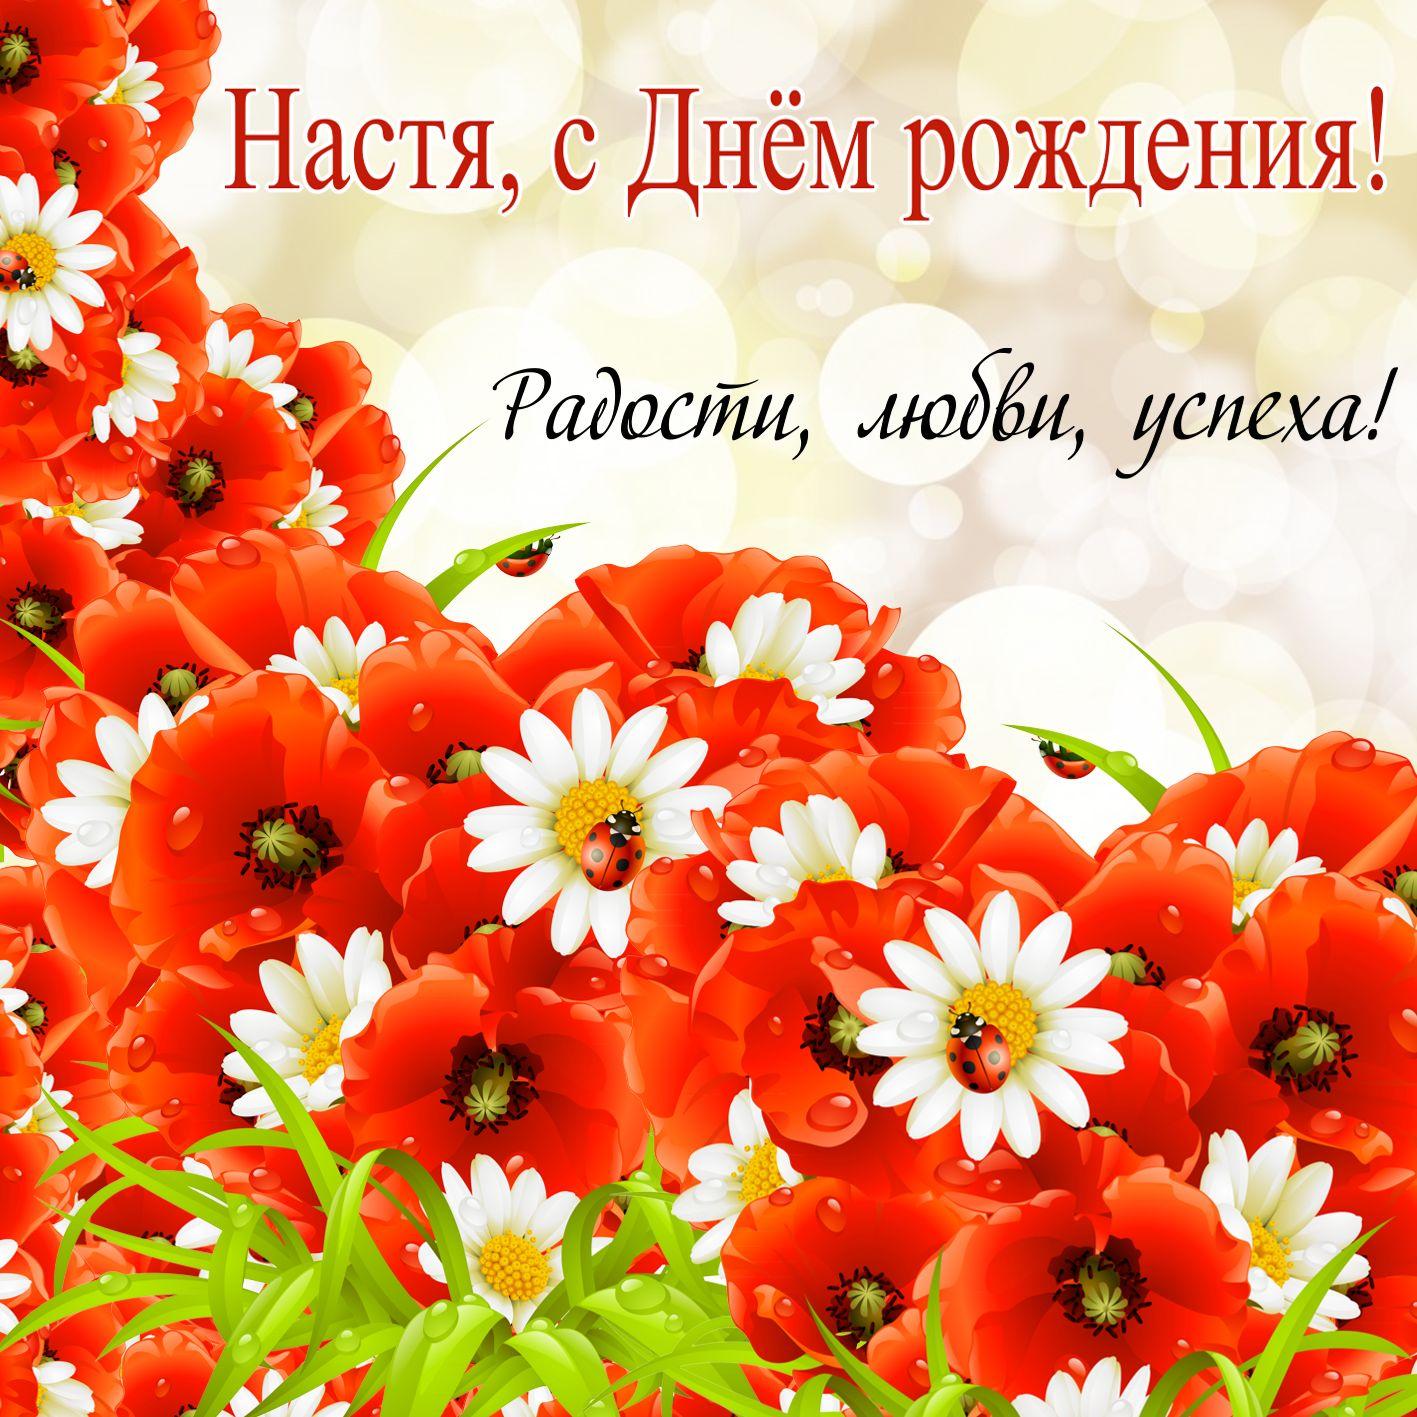 Поздравления с днём рождения Анастасия, Поздравления с днём рождения Анастасия